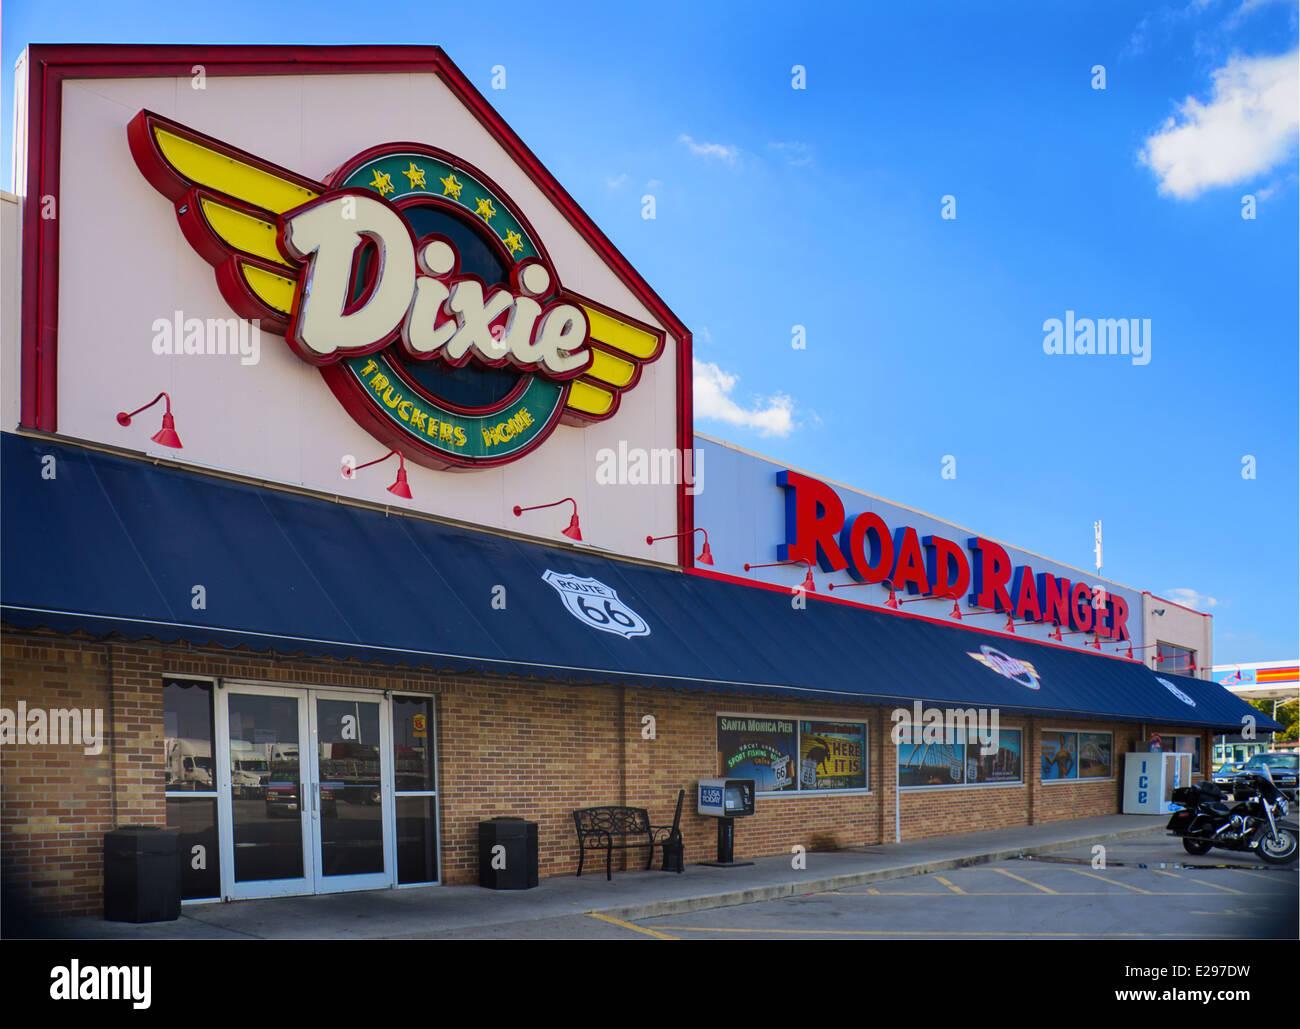 Dixie Truckers Home historique est un arrêt de camion sur la Route 66 dans la région de McLean, l'Illinois. Banque D'Images